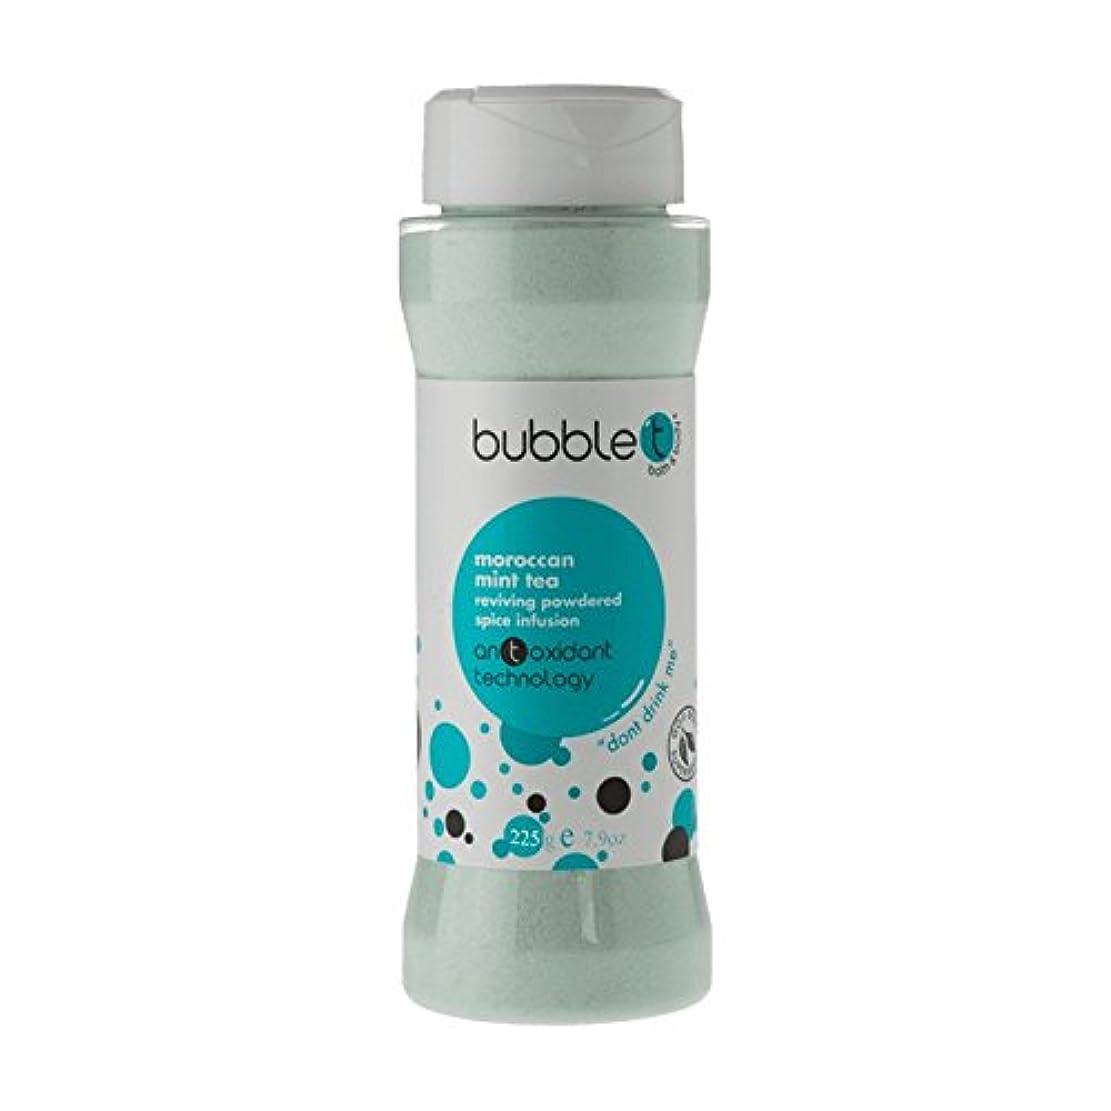 スチュワード露骨なバブルトン風呂スパイス注入モロッコのミントティー225グラム - Bubble T Bath Spice Infusion Morrocan Mint Tea 225g (Bubble T) [並行輸入品]